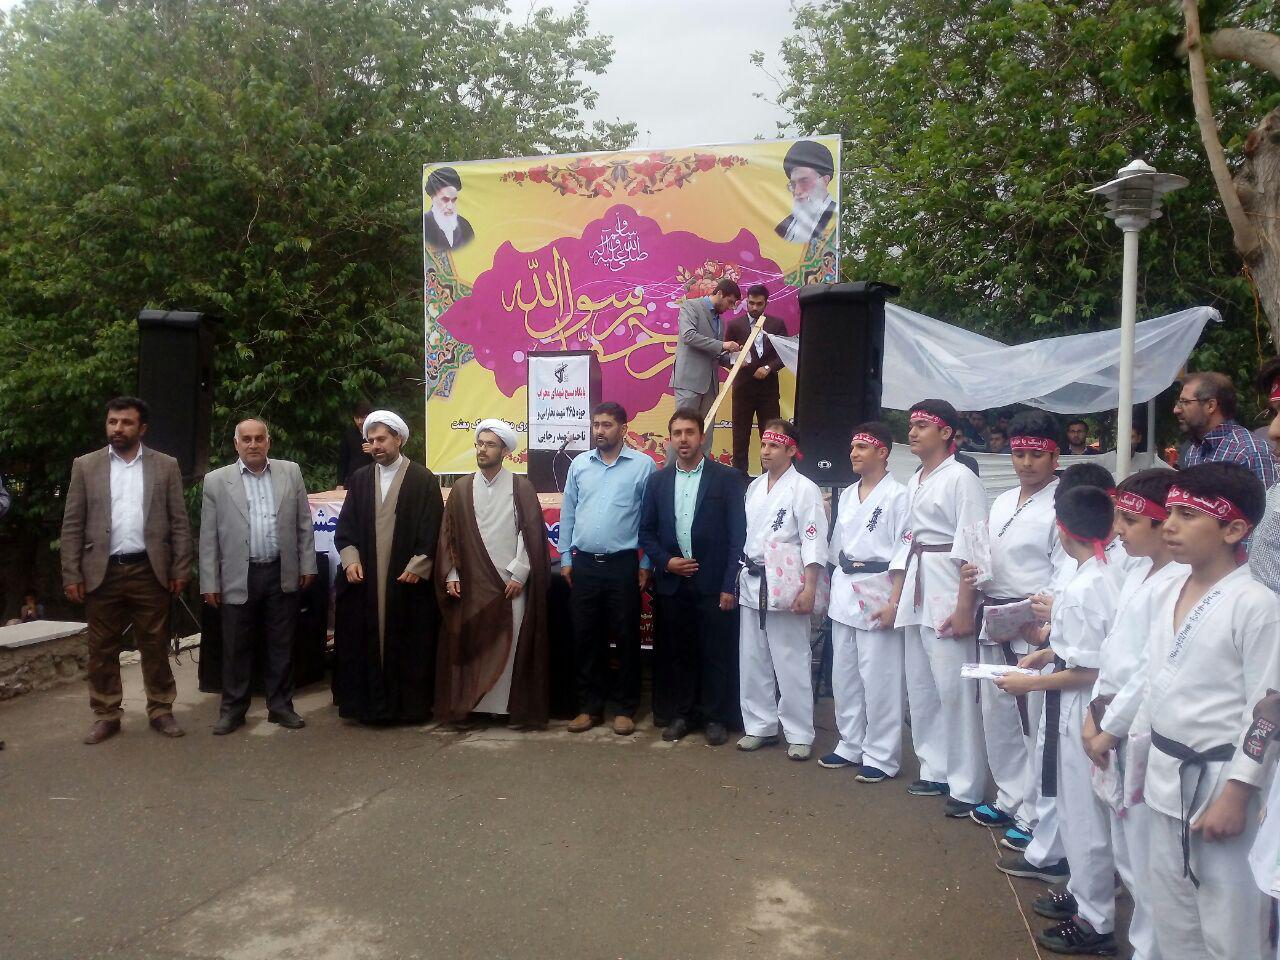 جشن مبعث حضرت رسول اکرم دبیرستان شهدای صنف گردبافان با همکاری بسیج منطقه درپارک اندیشه برگزار شد.